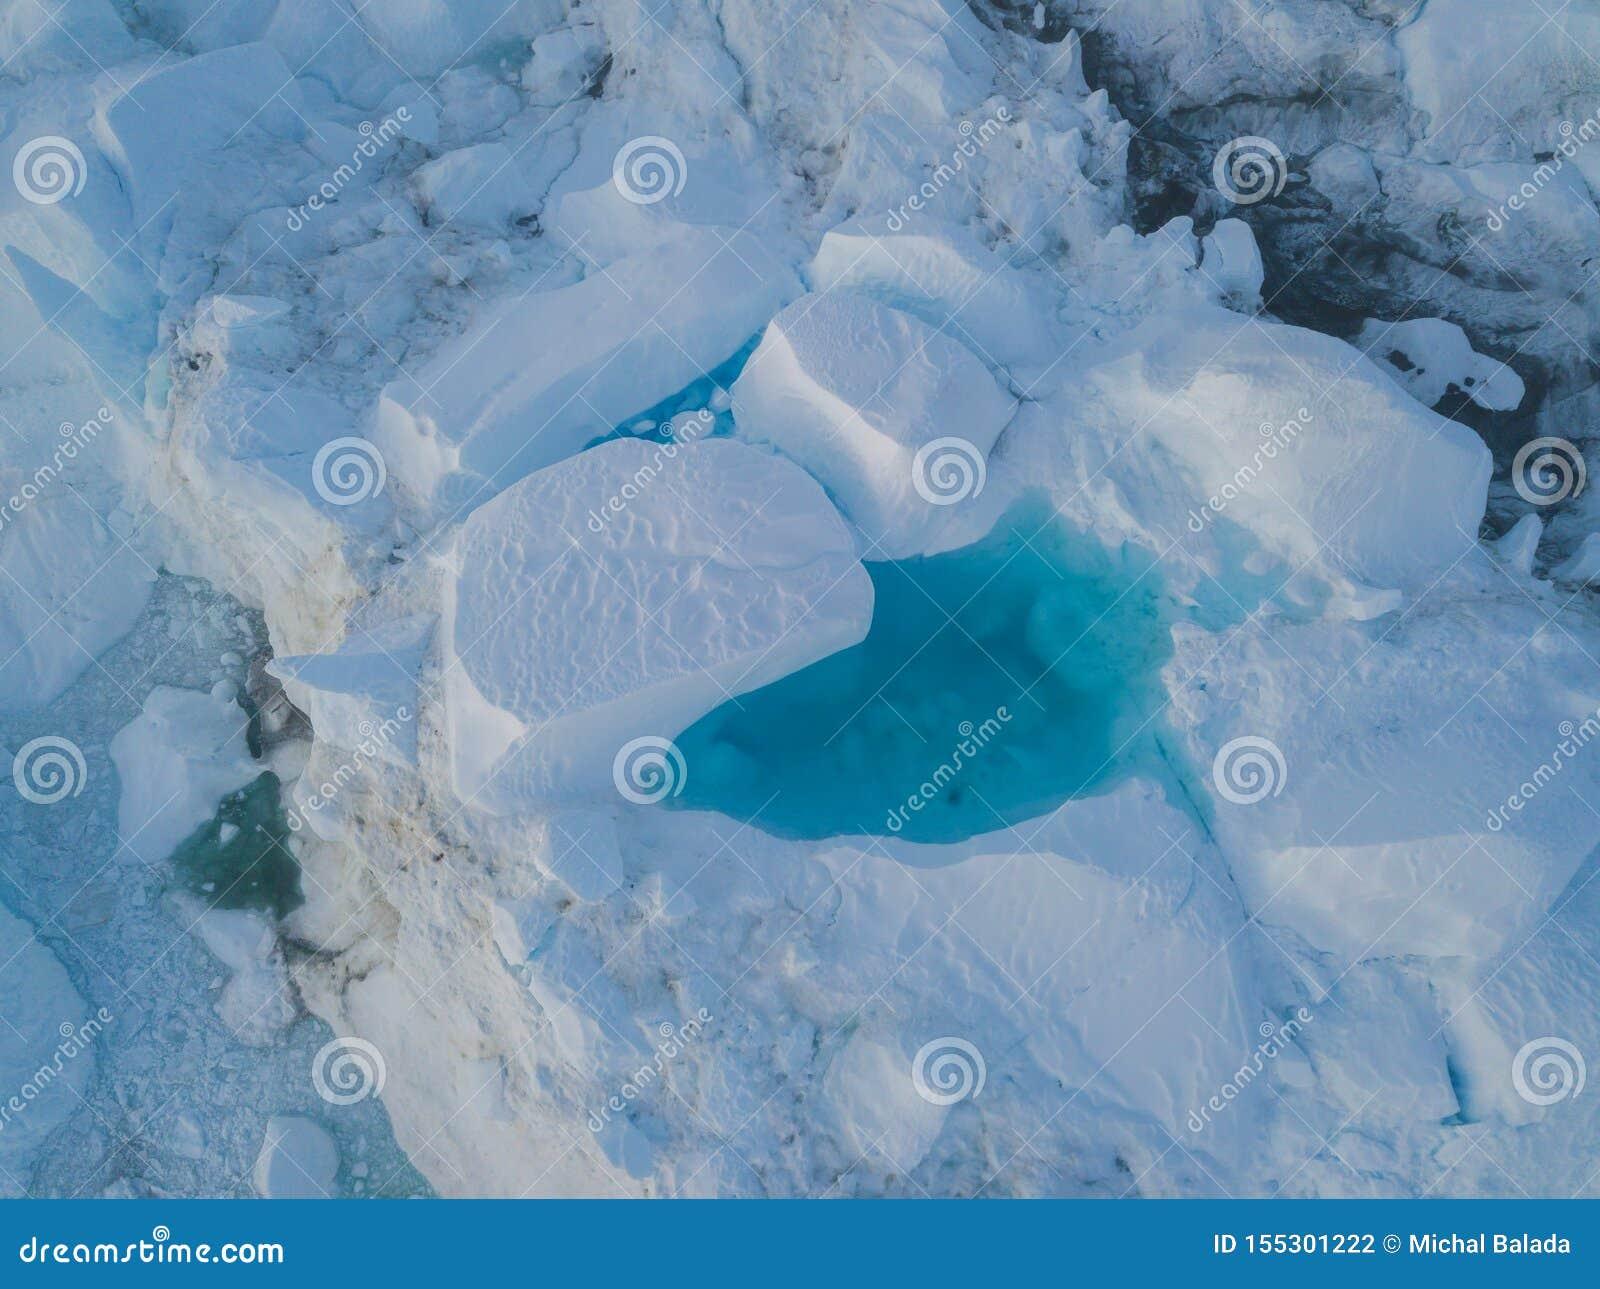 Draufsicht des Eisbergbrummenluftbildes - Klimawandel und globale Erwärmung Eisberge von schmelzendem Gletscher im icefjord in Il